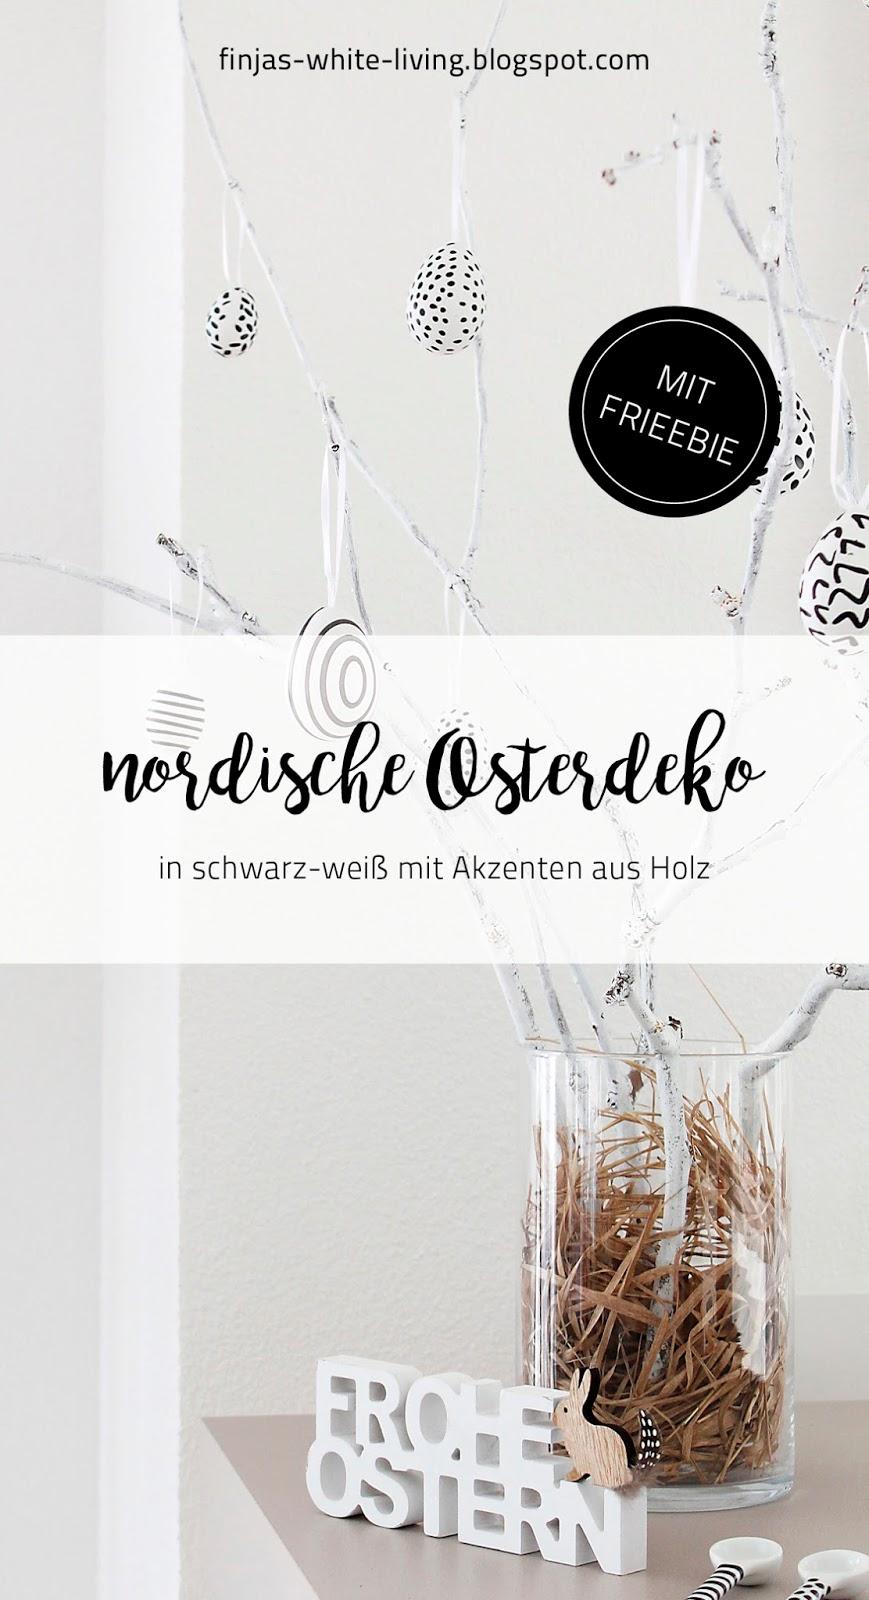 finjas white living skandinavische Osterdekoration in schwarz-weiß und Holzakzenten mit Freebie